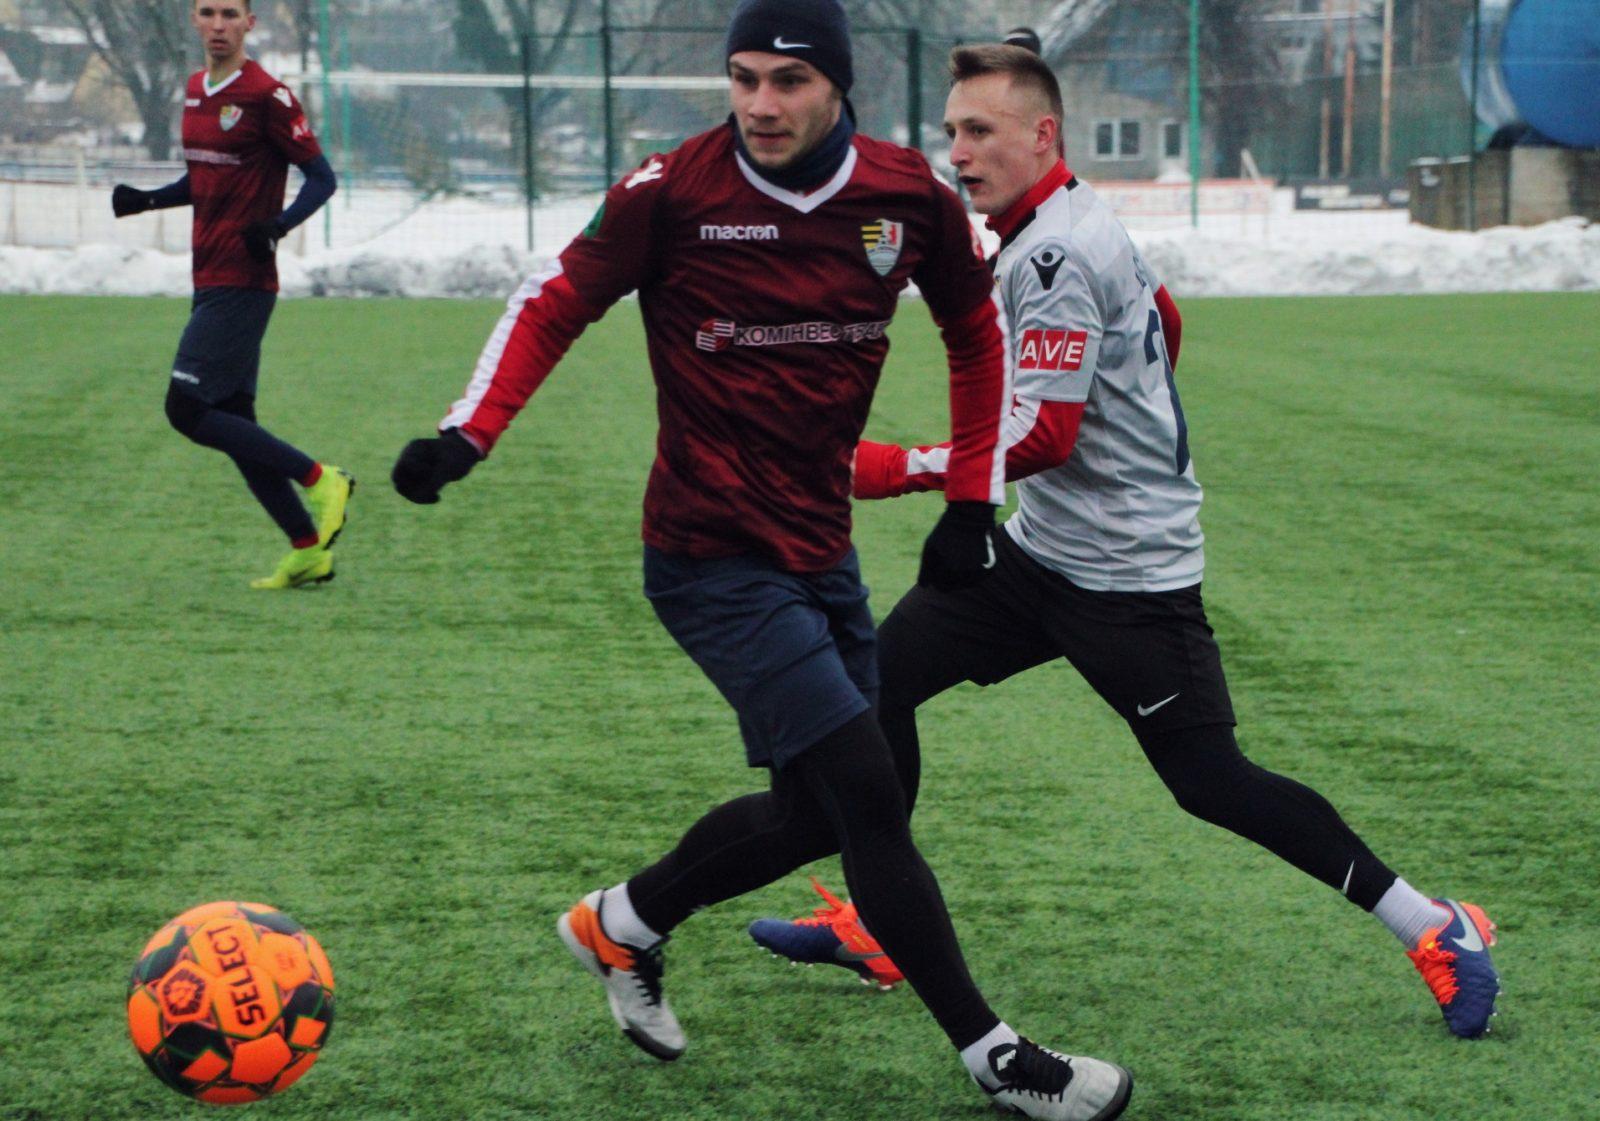 Команды играли в субботу, 30 января, на искусственном поле стадиона «Авангард».